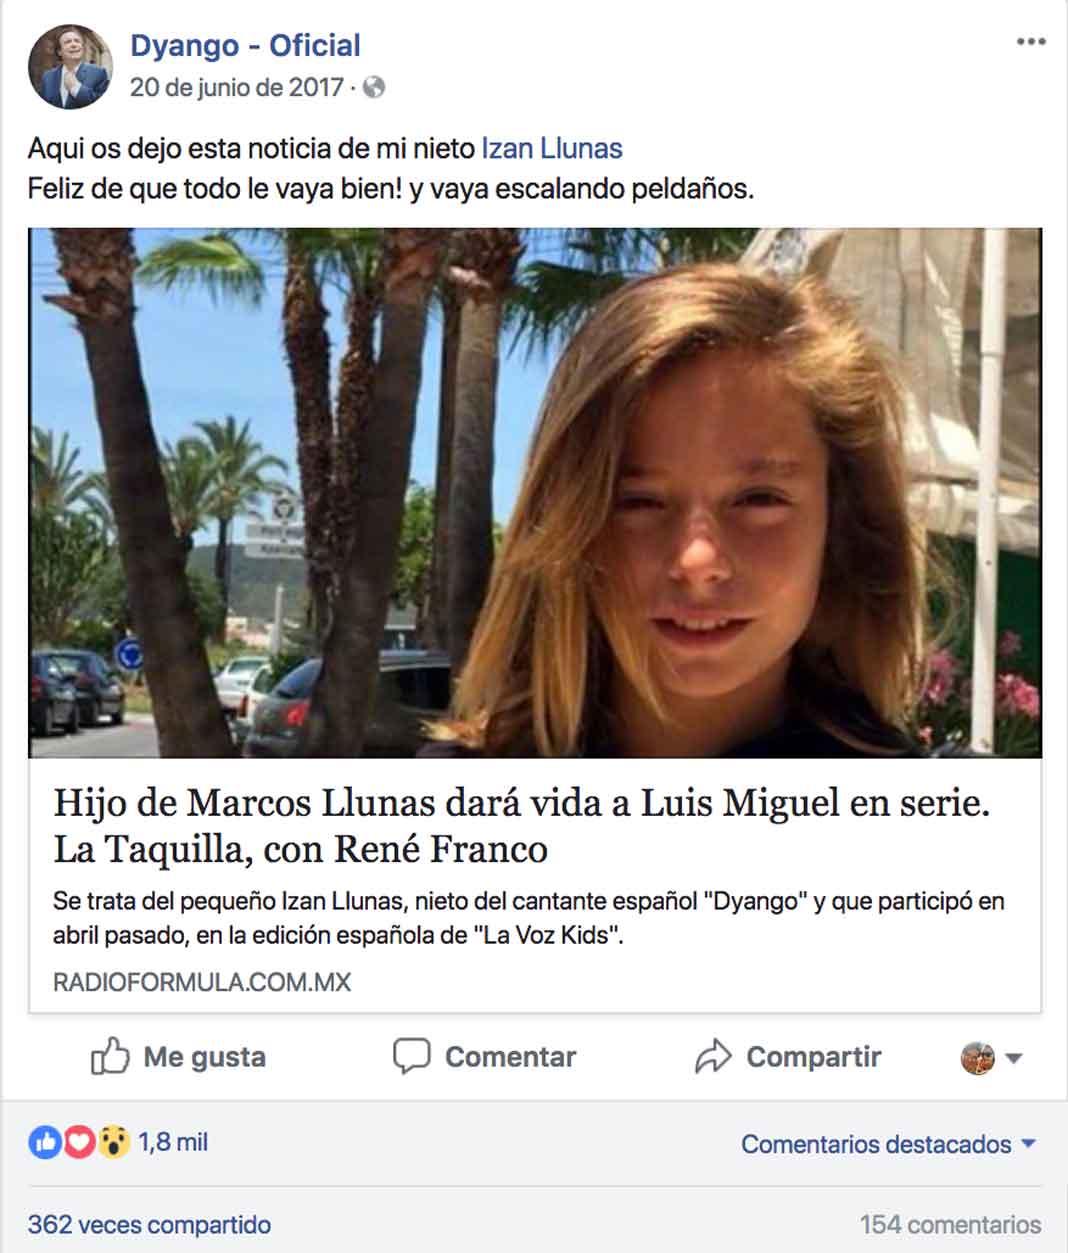 A mediados del año pasado Dyango compartió la noticia de que su nieto será Luis Miguel